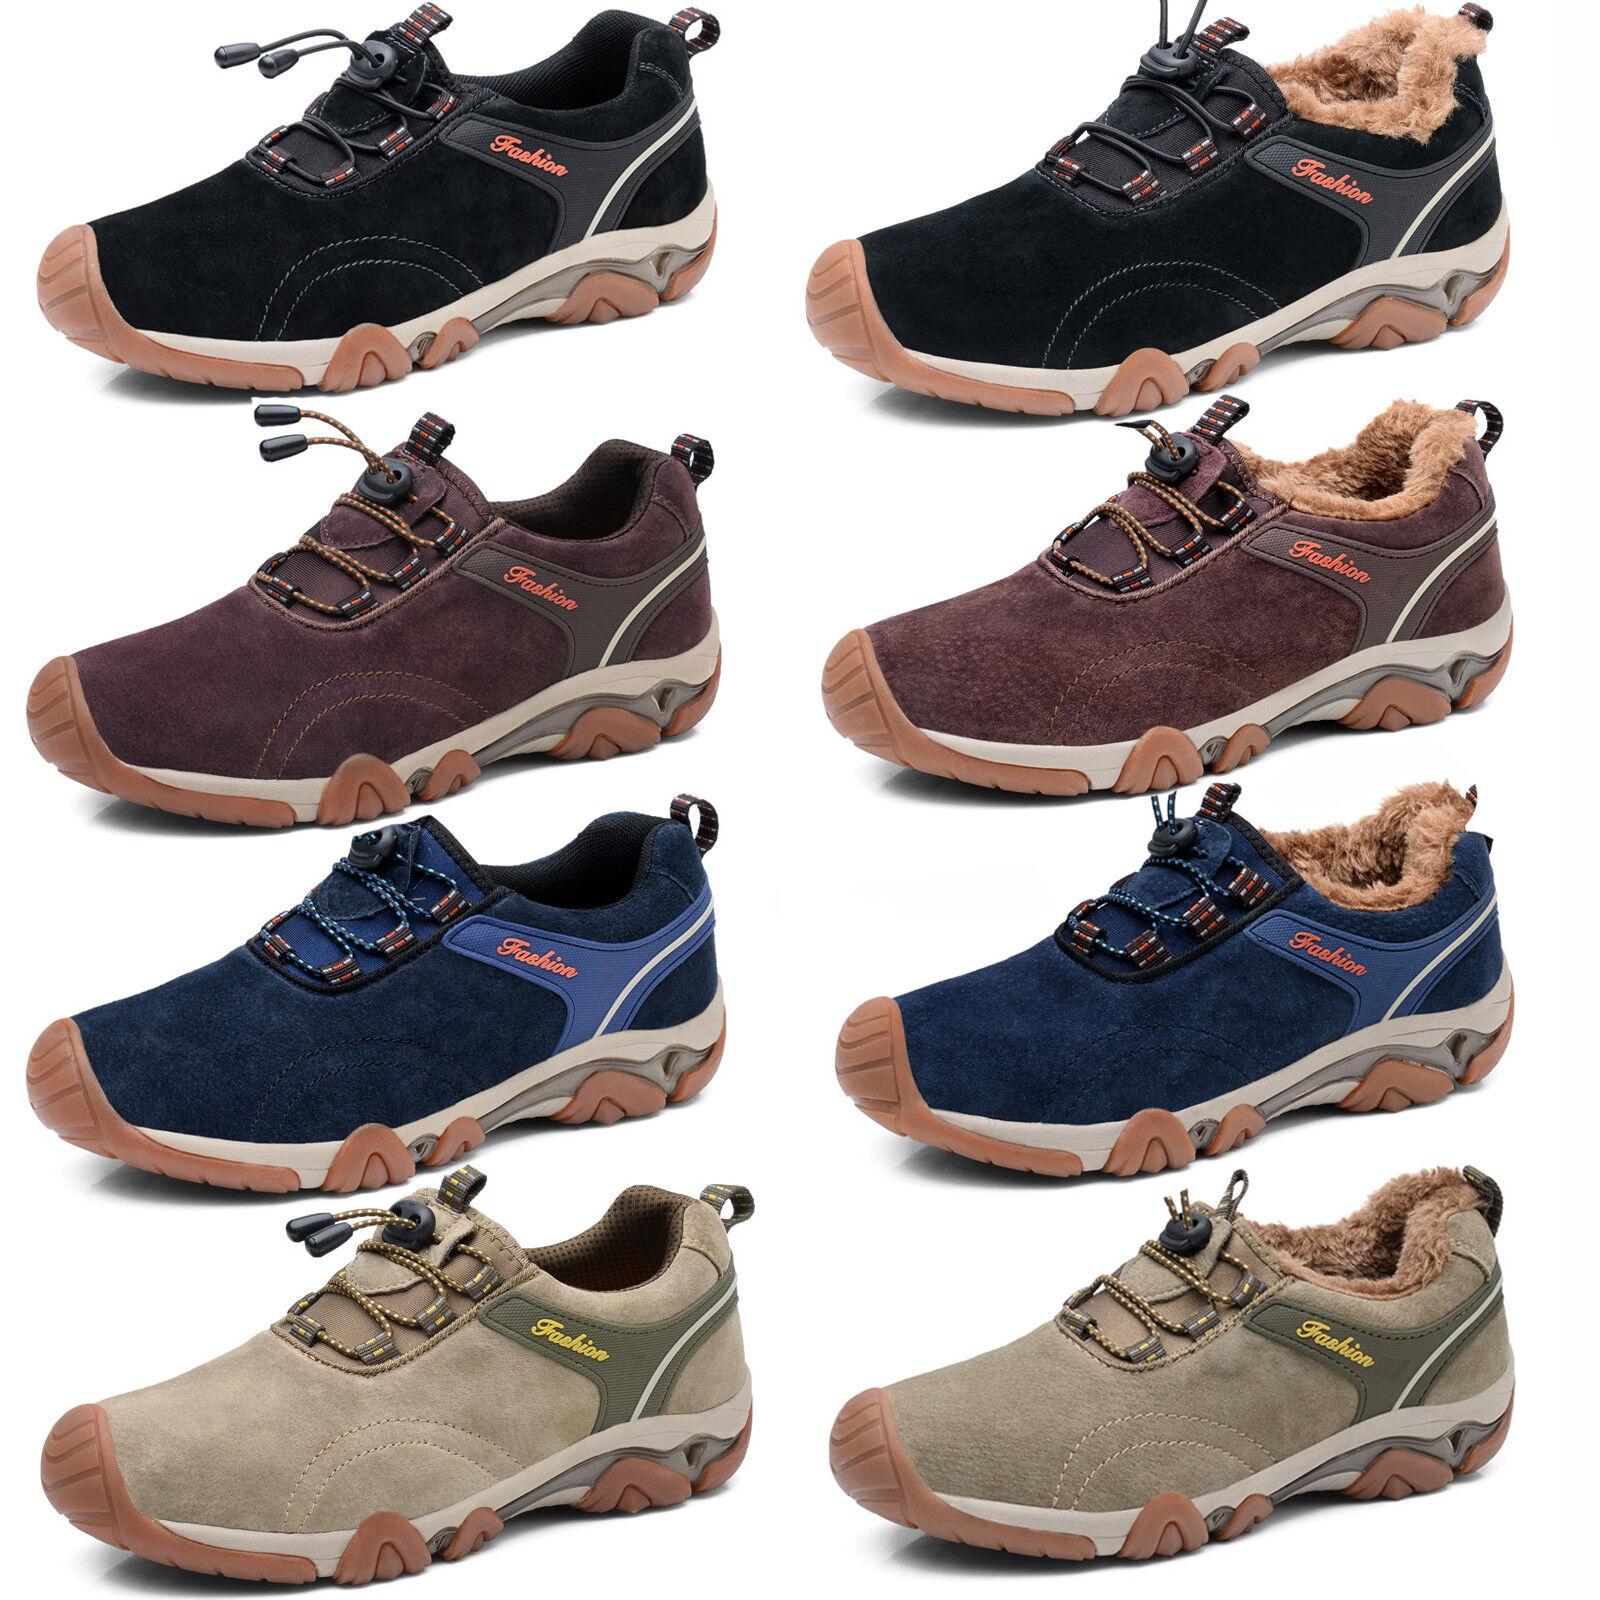 5adea50dbac Waterproof Men's Hiking Shoes Plush Winter Warm Trail Shoes Outdoors ...